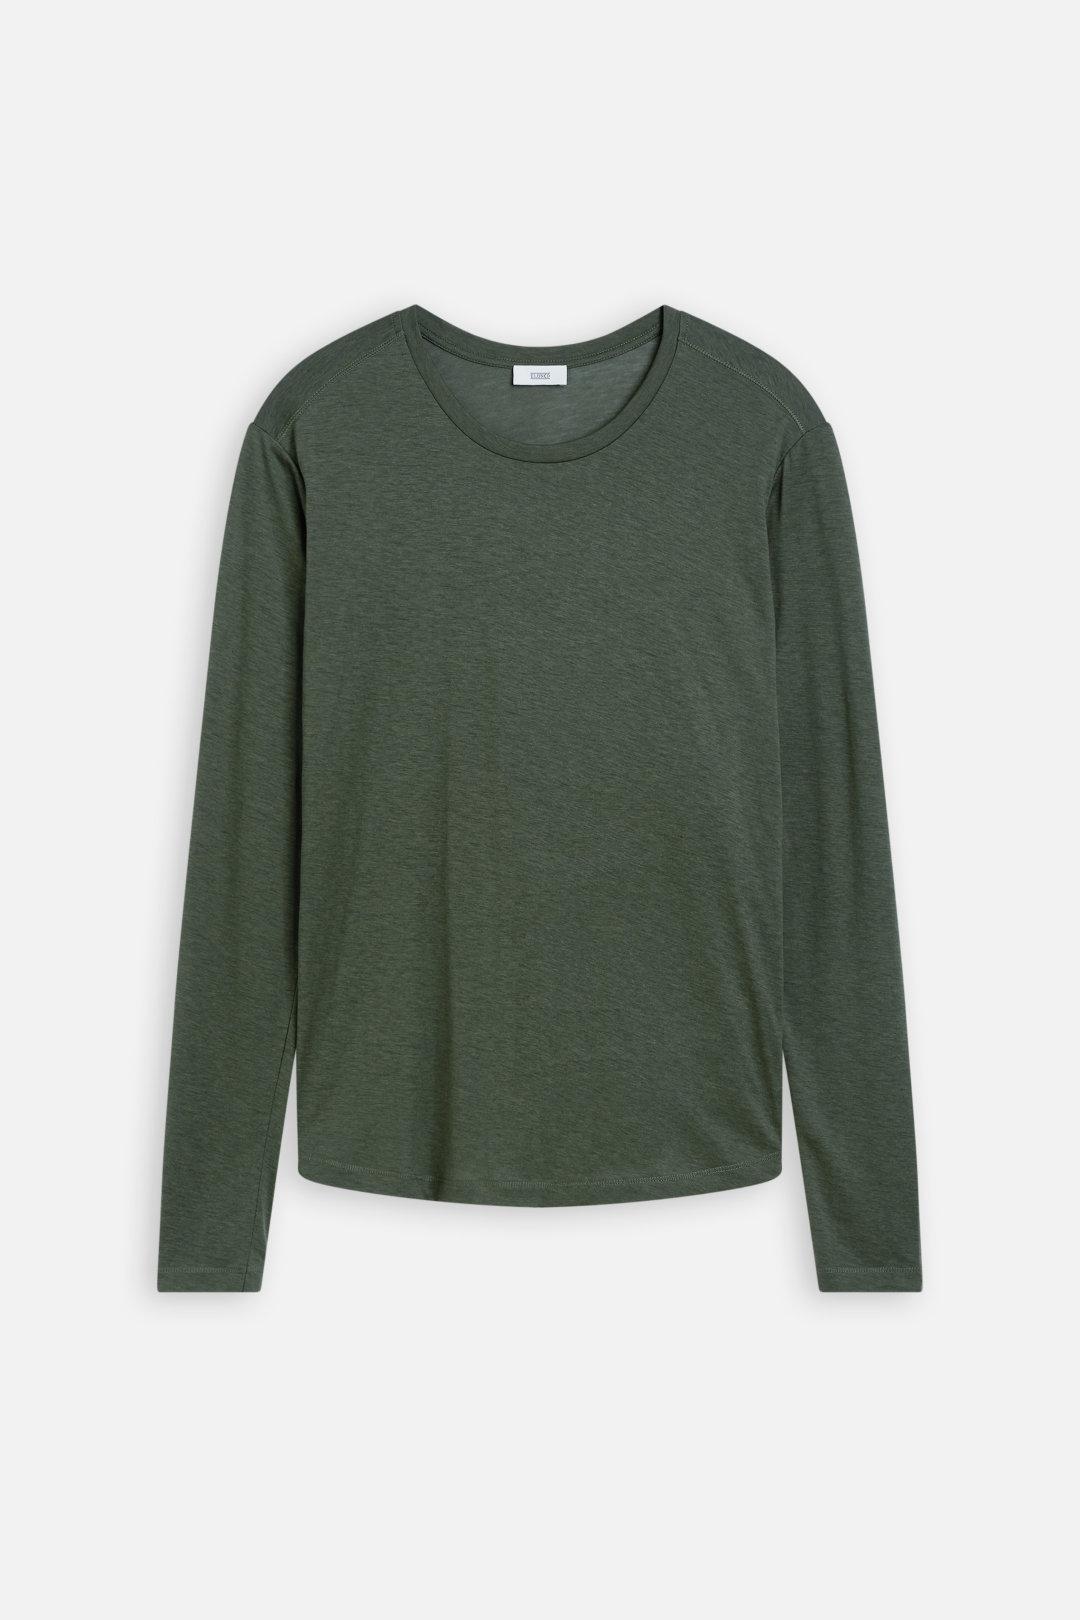 T-Shirt, Closed, Longsleeve